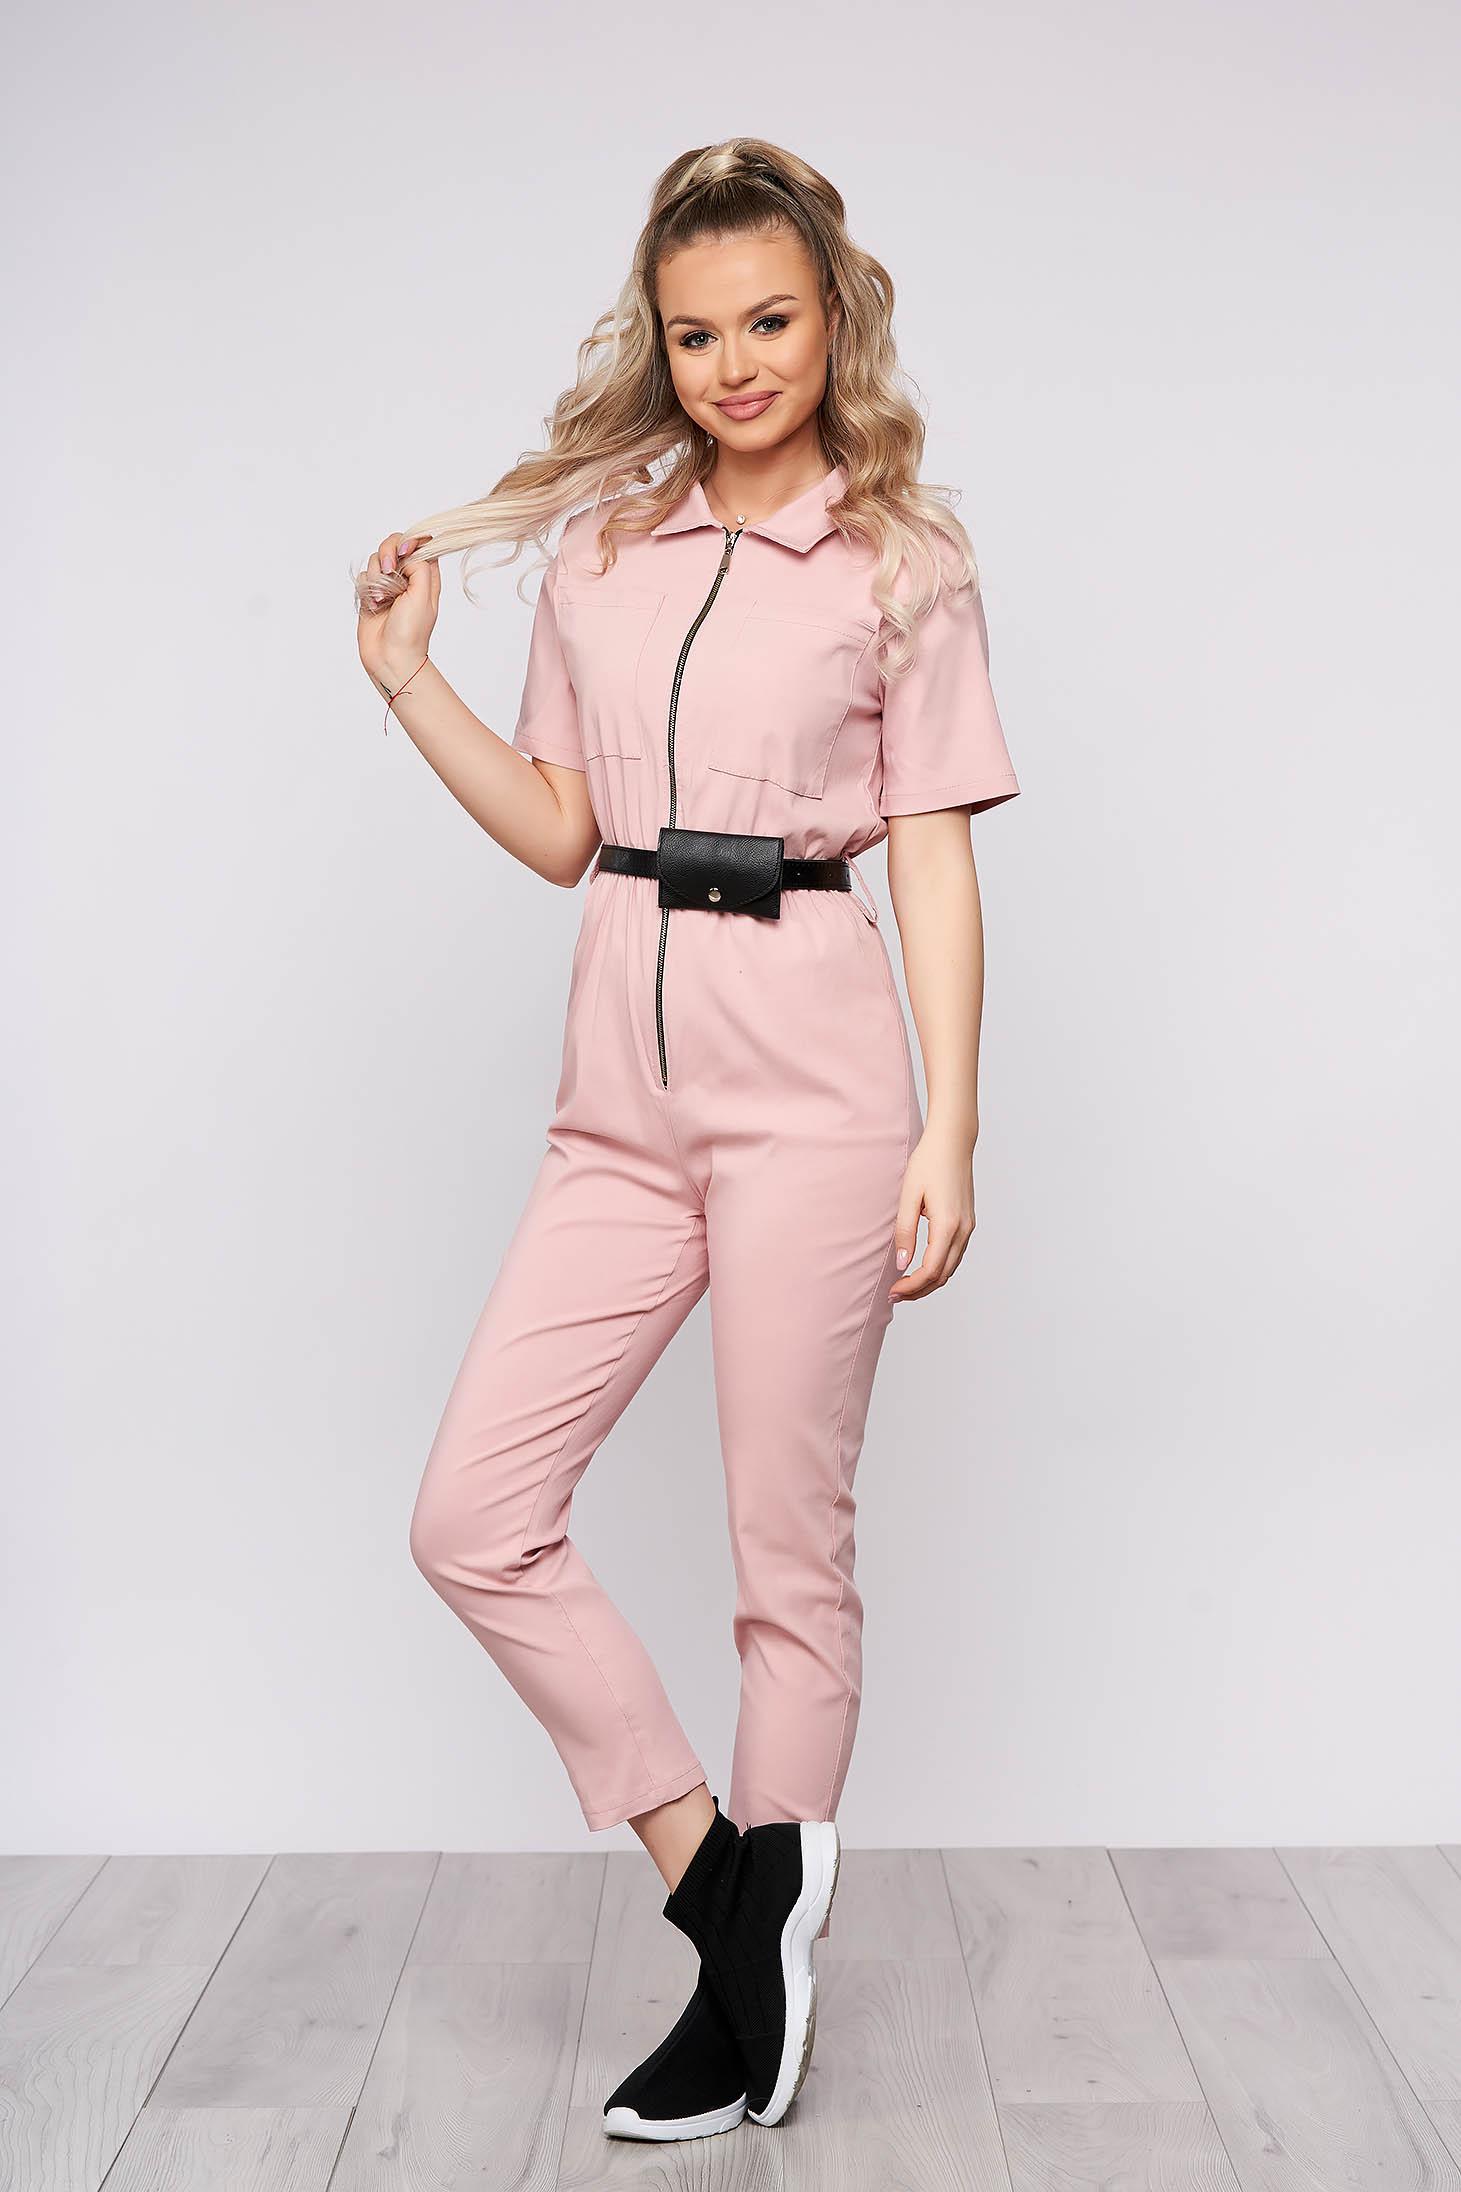 Világos rózsaszínű casual hosszú overál rugalmas anyagból szűk szabású